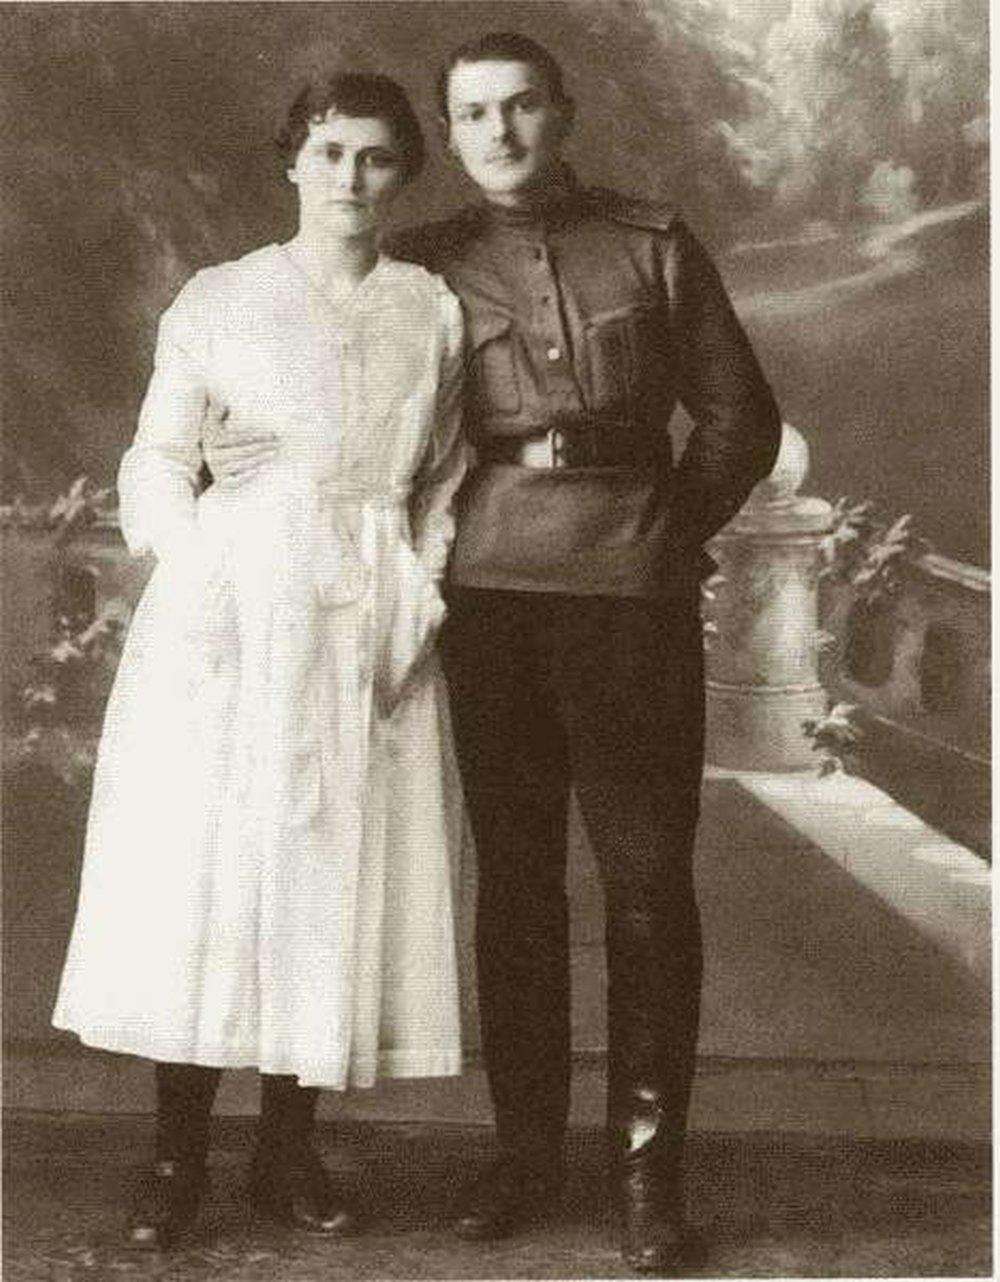 Прапорщик Жданов с женой.